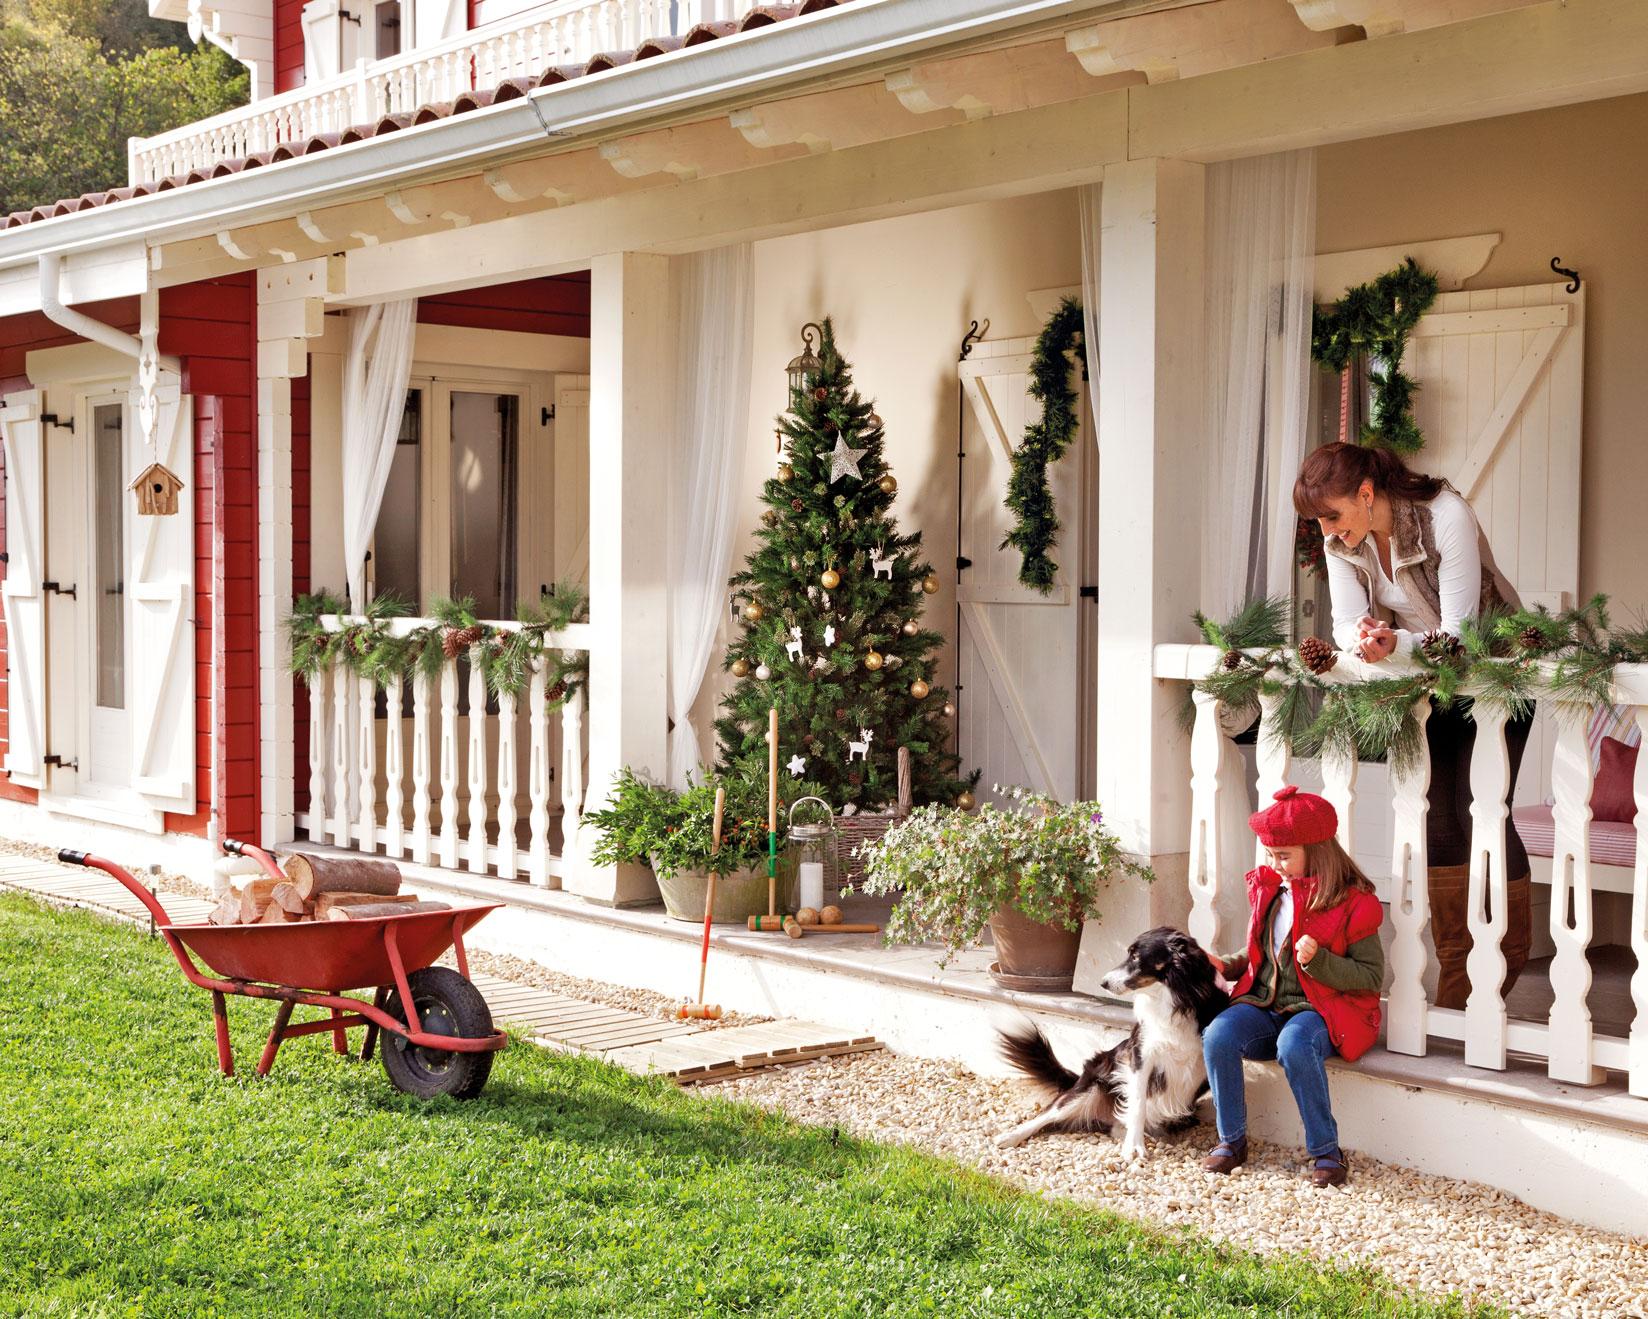 Dónde Poner El árbol De Navidad En Casa